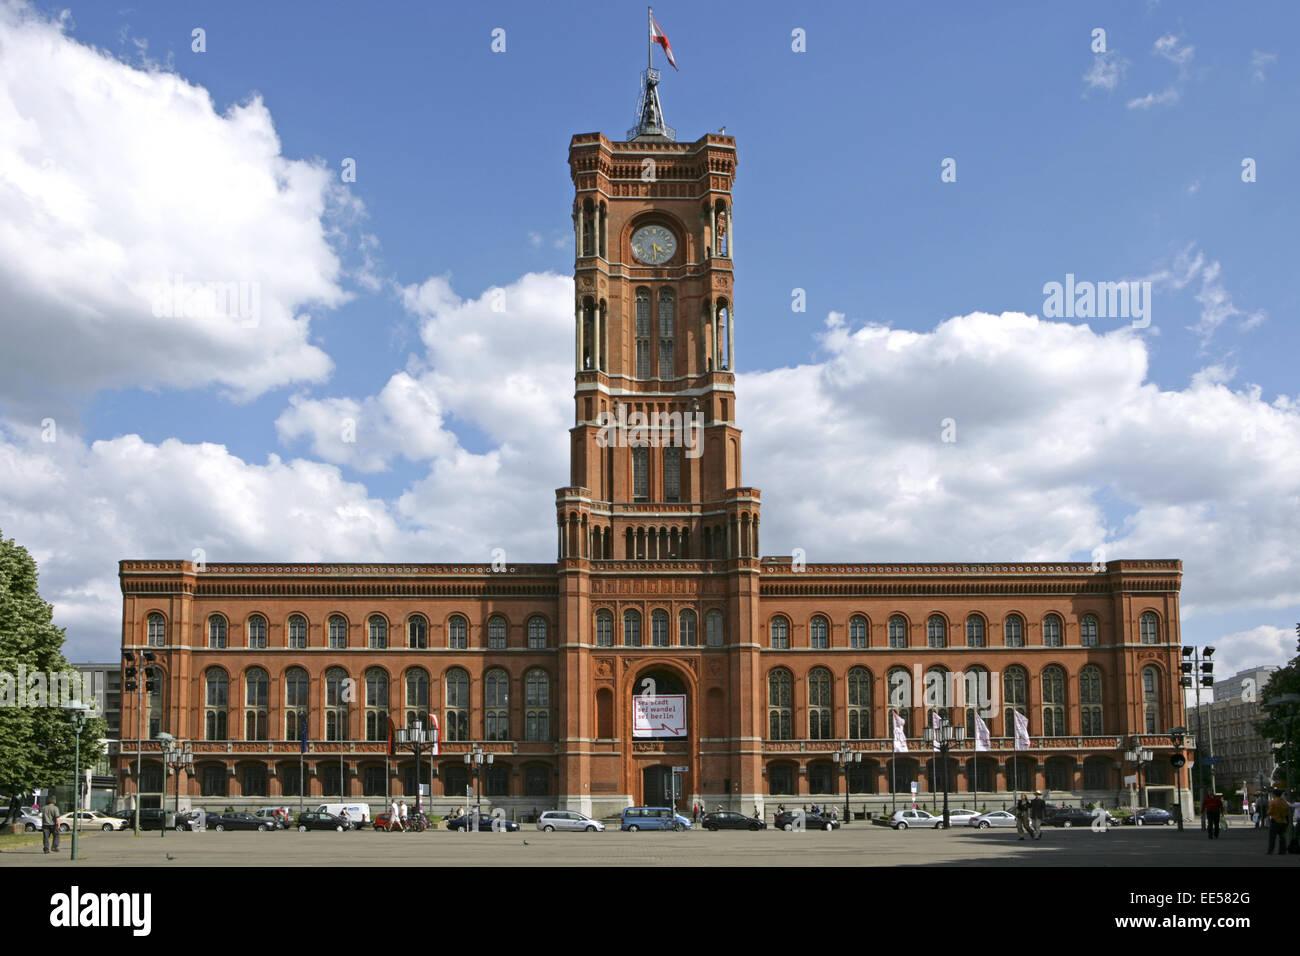 Deutschland, Berlin, Europa, Hauptstadt, Stadt, Sehenswuerdigkeit, das rote Rathaus, Architektur, Bauwerk, Bundeshauptstadt, - Stock Image